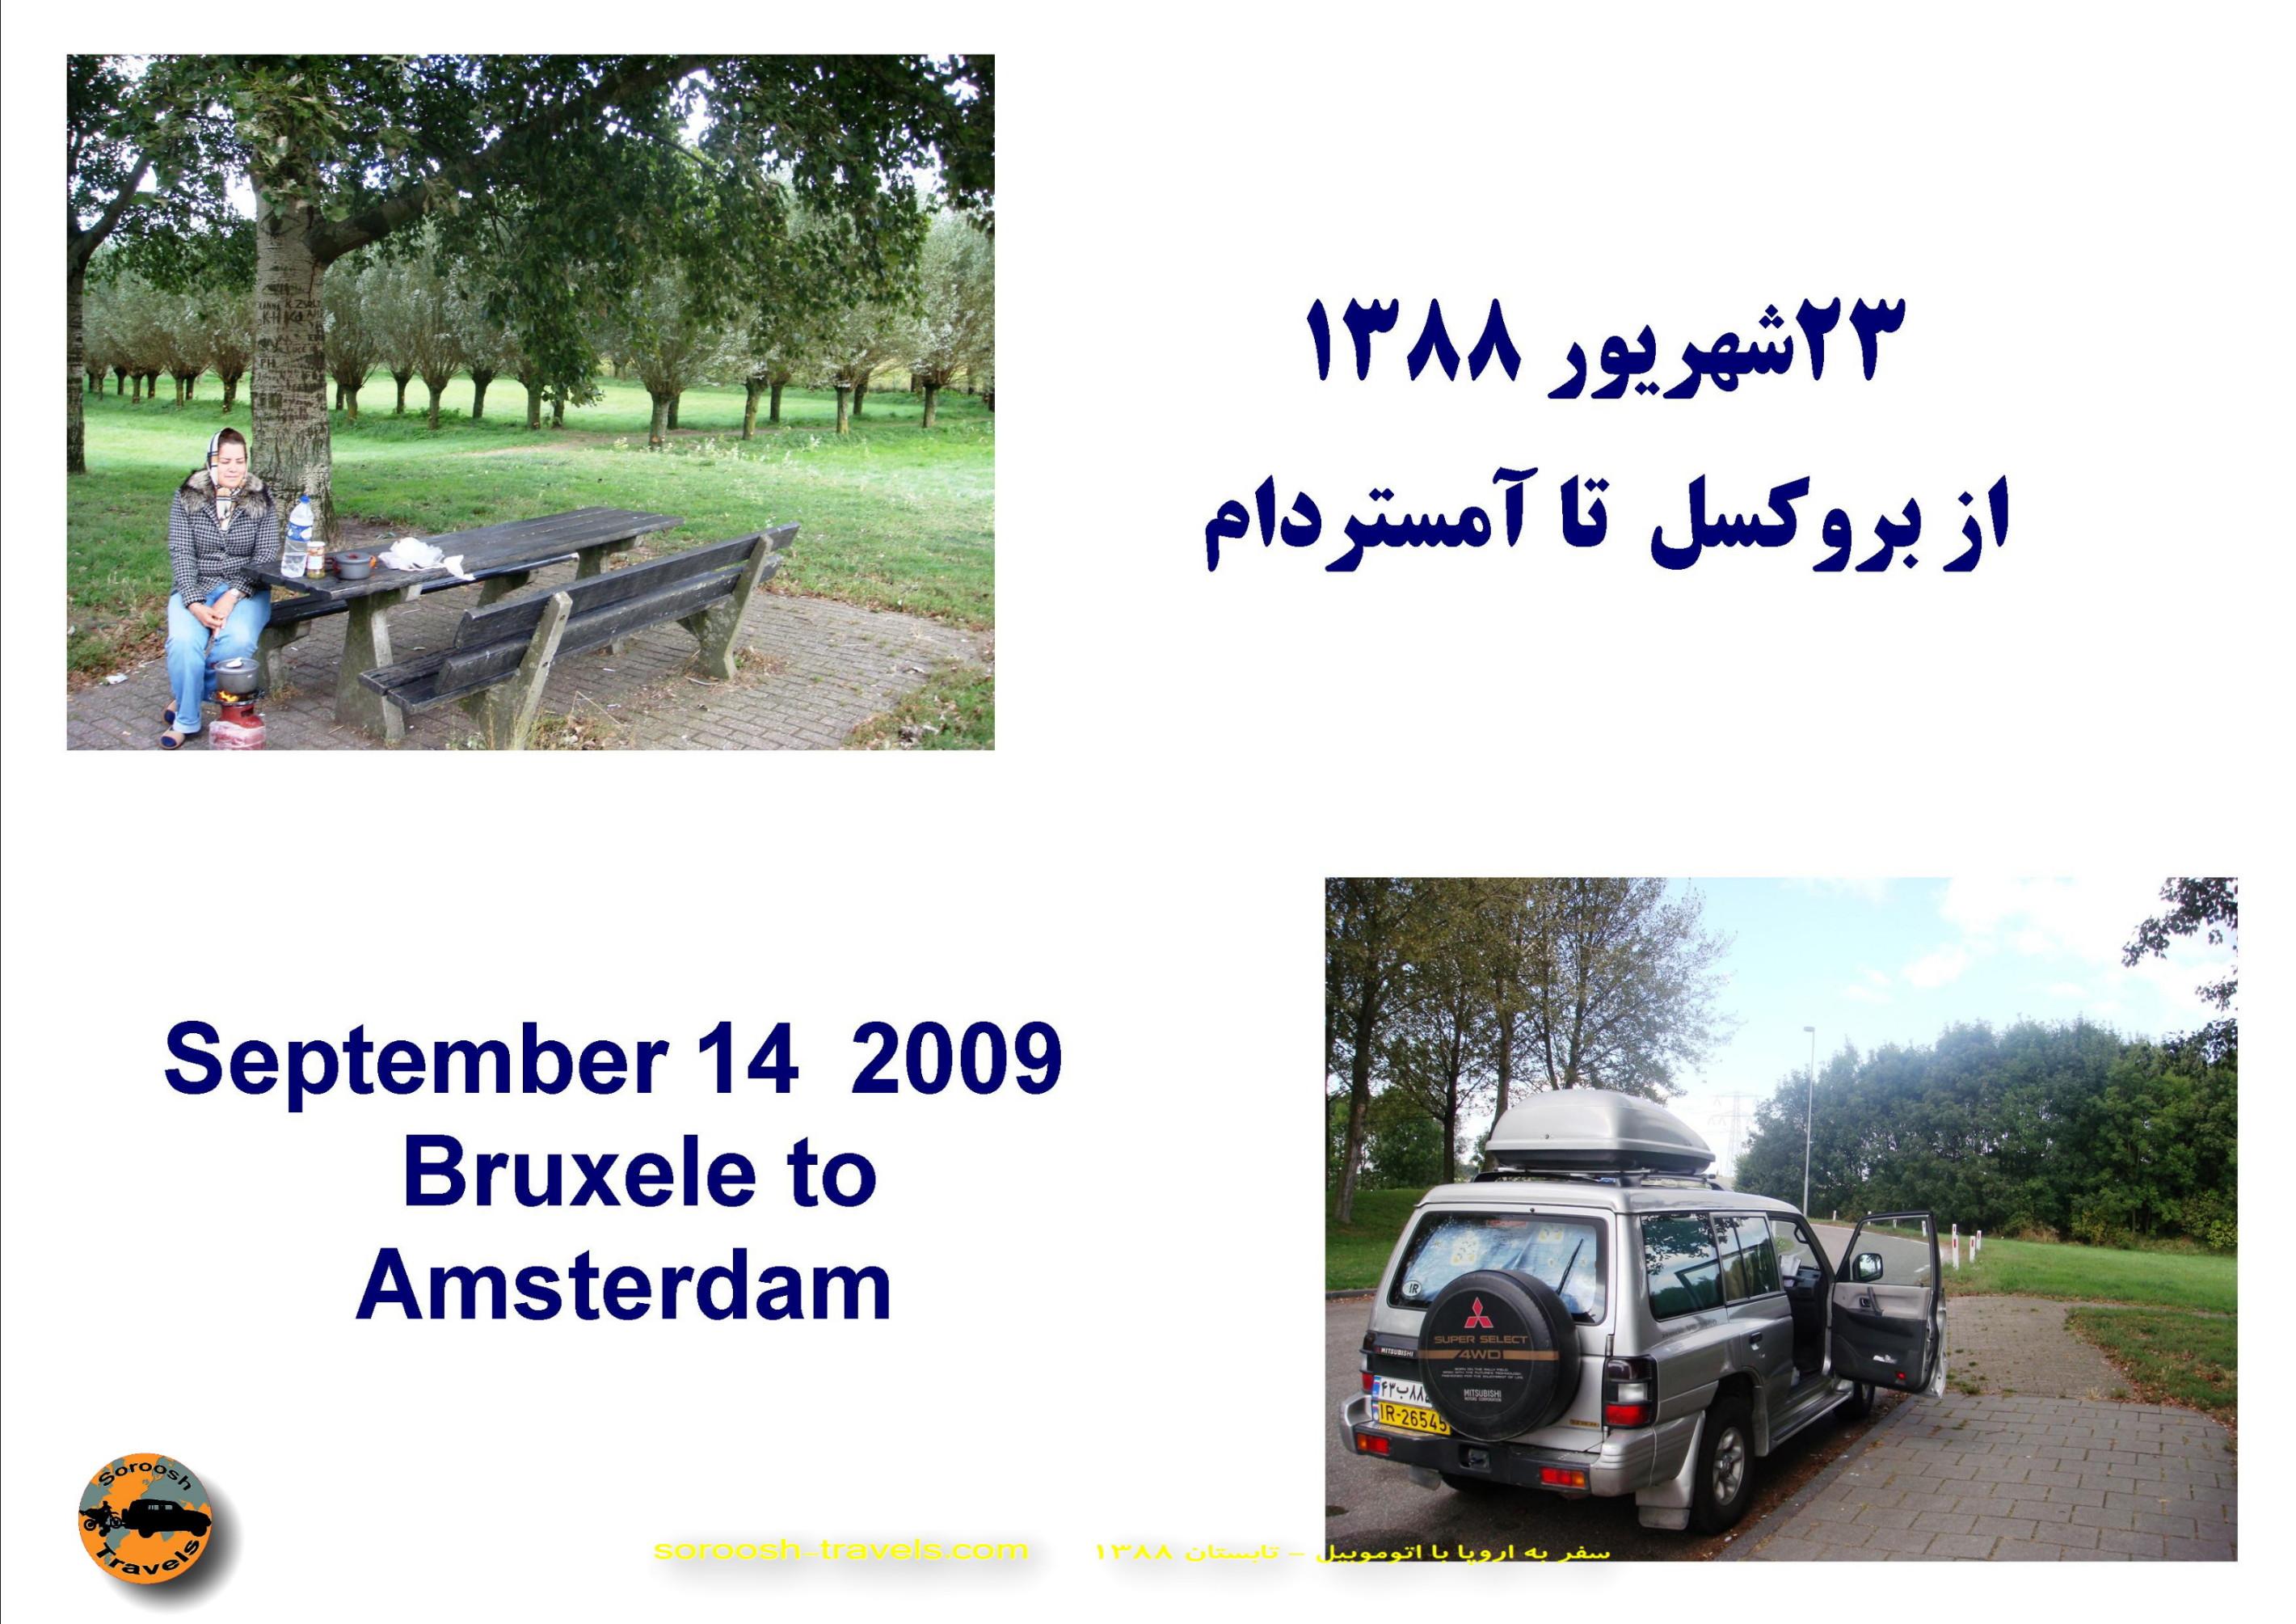 23-shahrivar-1388-14-september-2009-bruxele-in-belgium-to-amsterdam-in-netherland-1